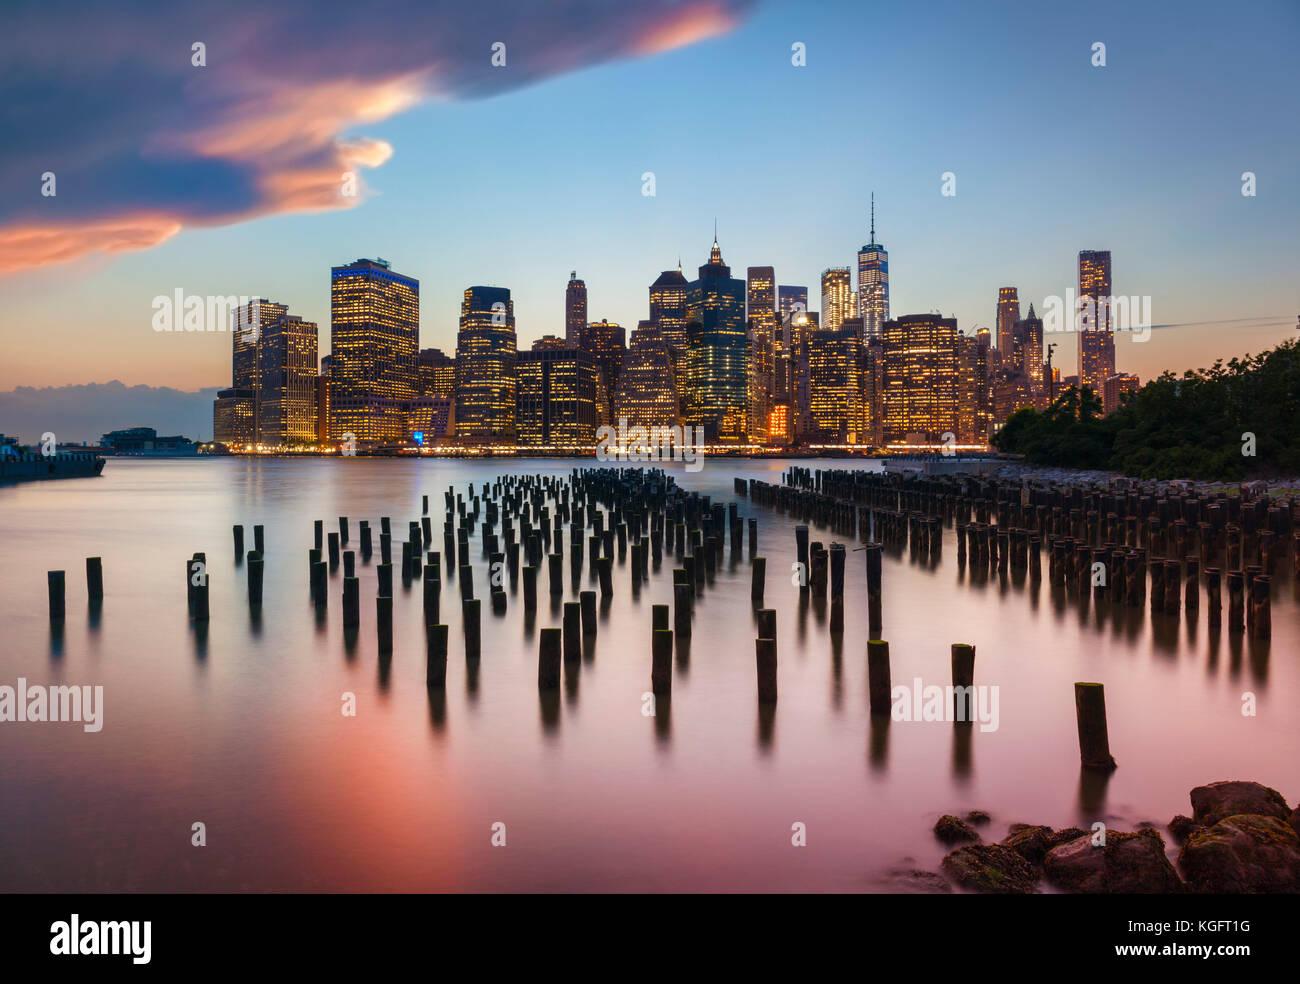 Skyline di Manhattan New York skyline tramonto tempestoso cielo sopra i grattacieli con Brooklyn molo vecchio 1 Immagini Stock